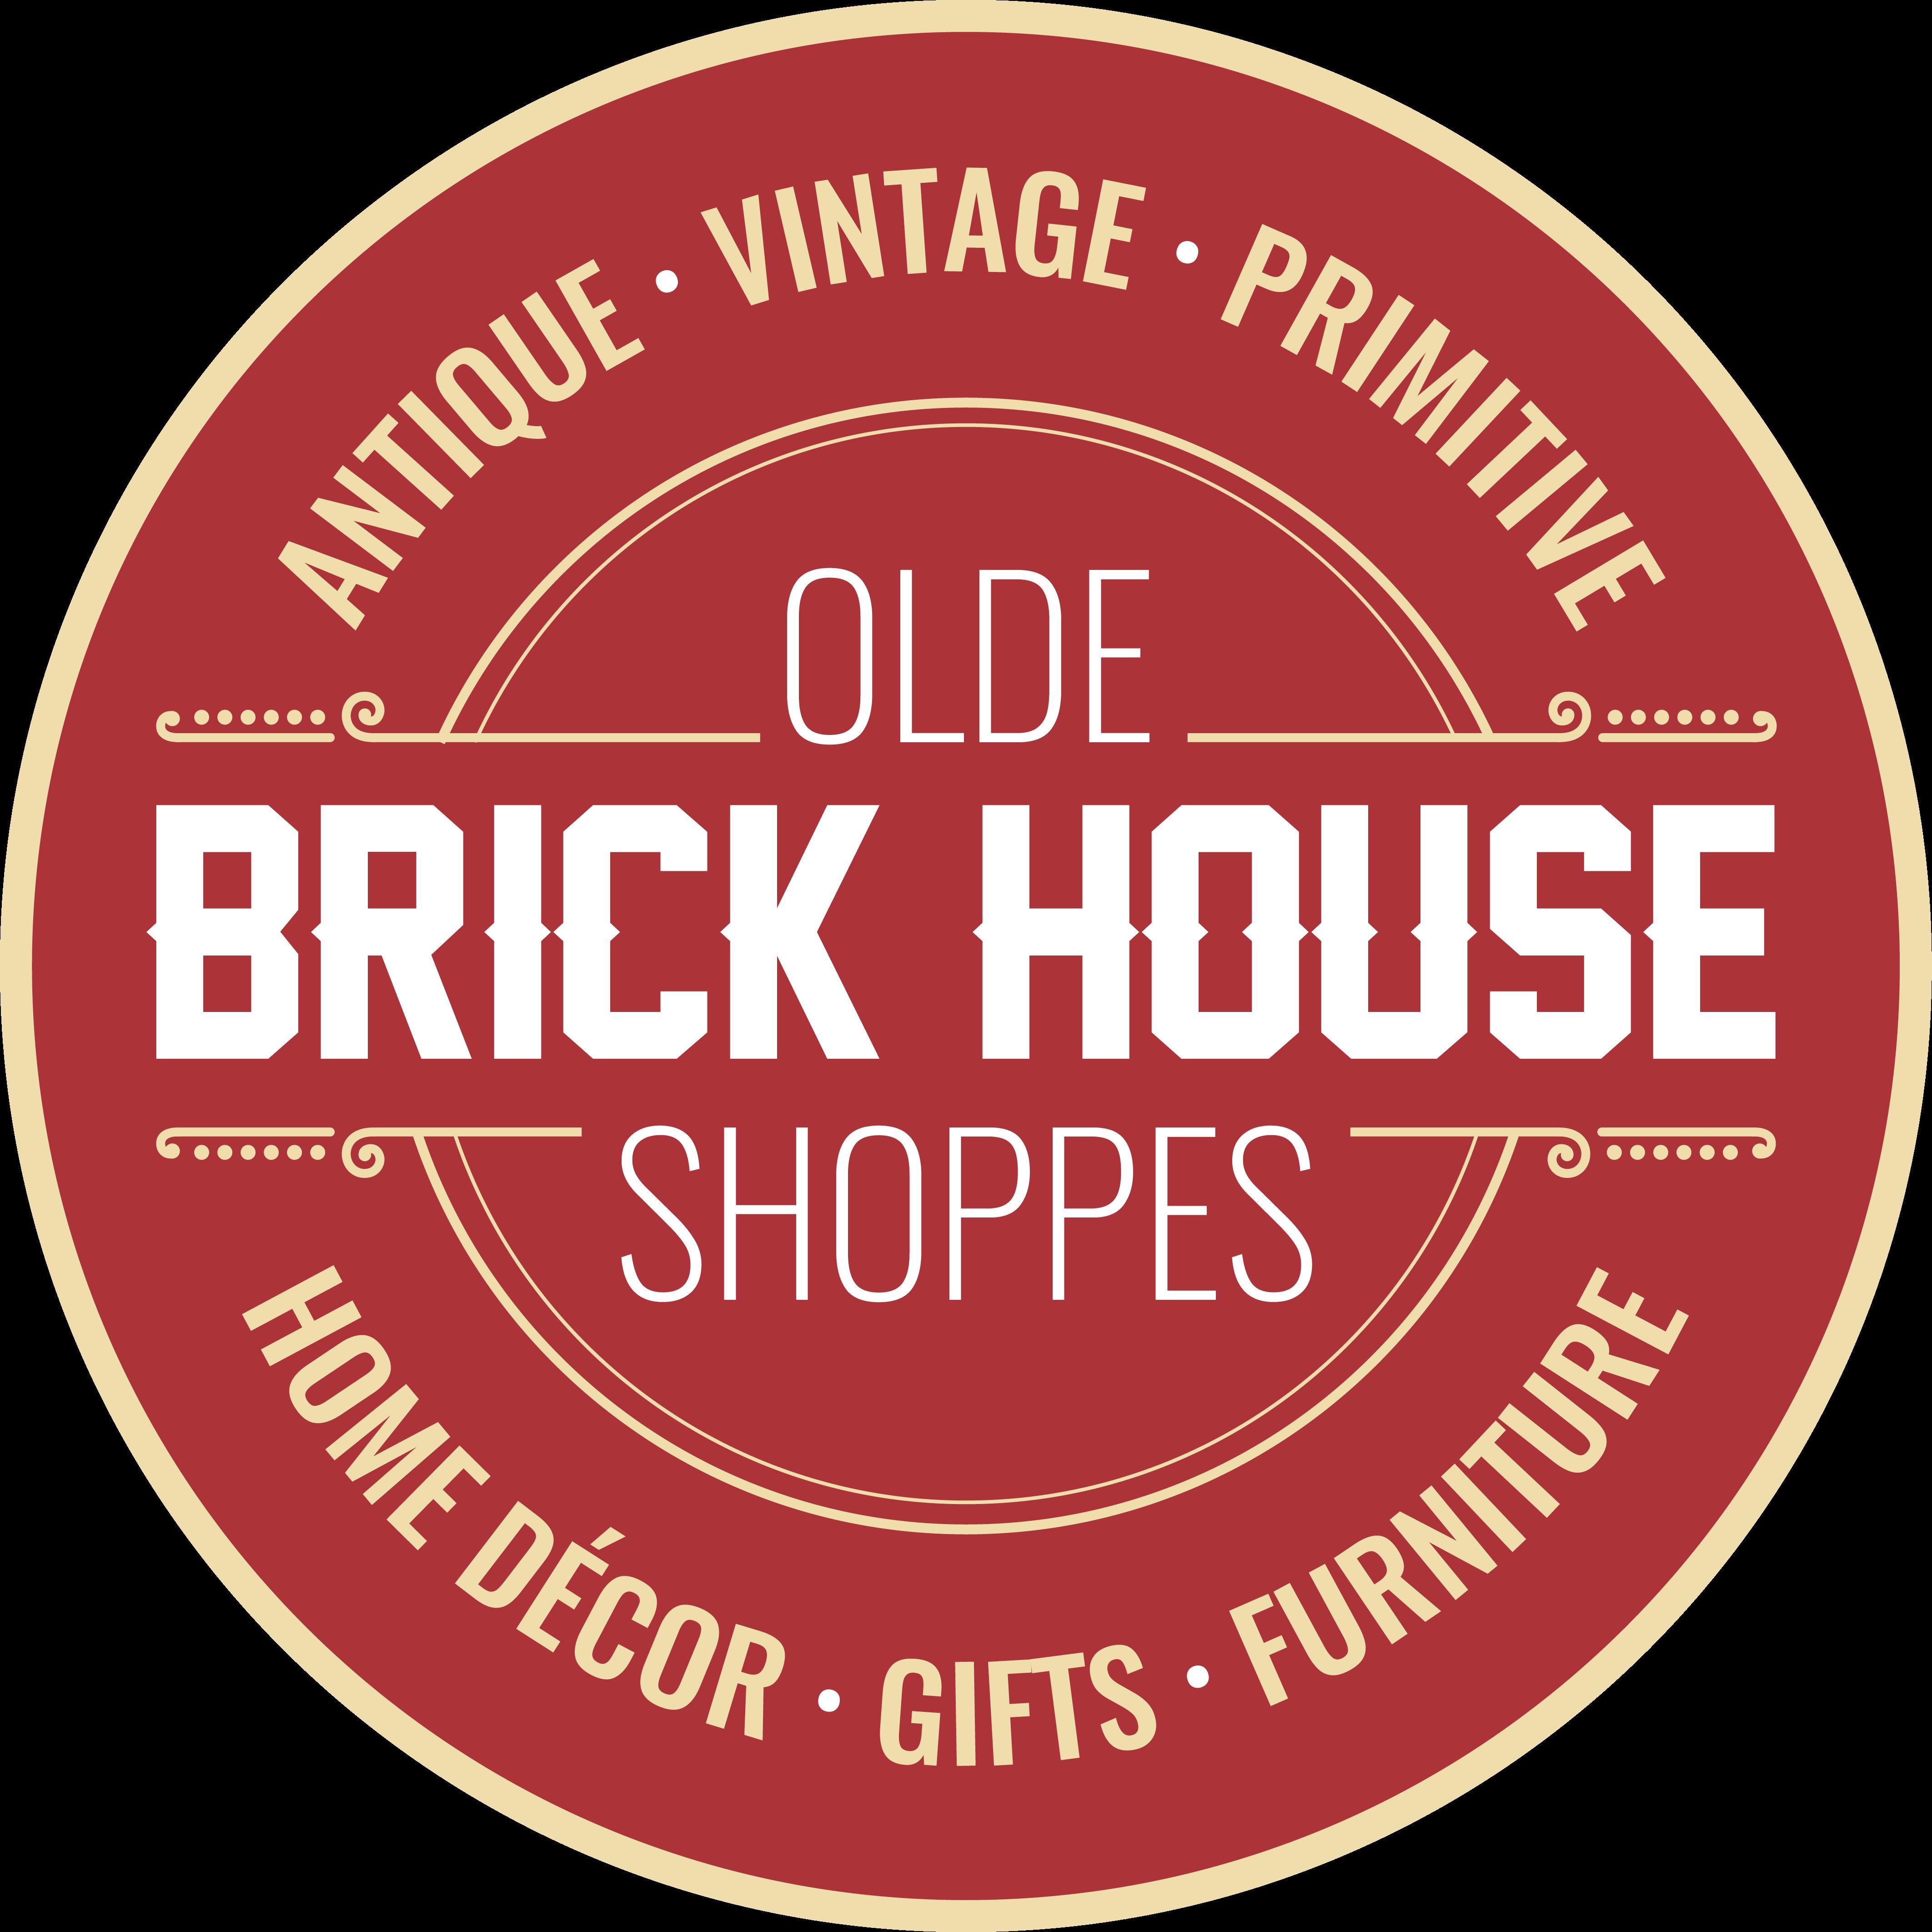 Olde Brick House Shoppes